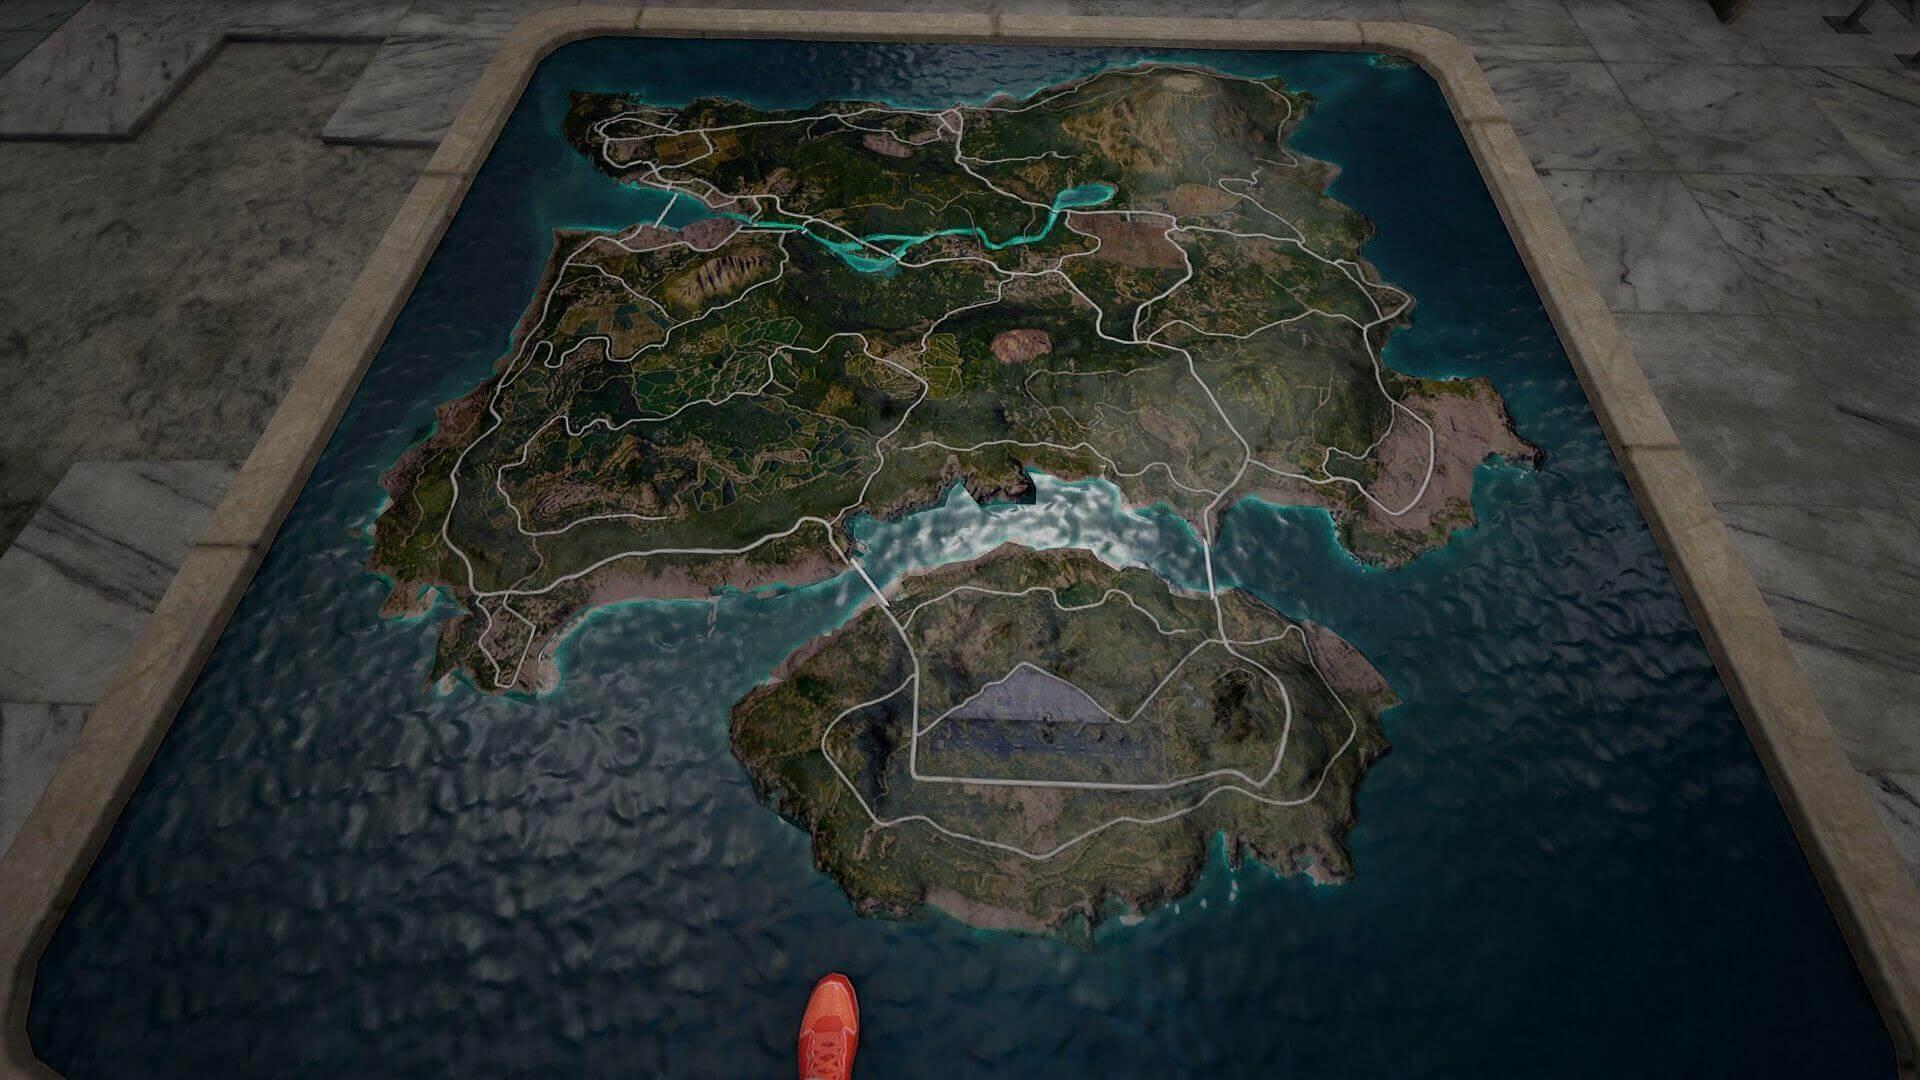 Pubg mobile erangel 2.0 map HD wallpaper in 3D